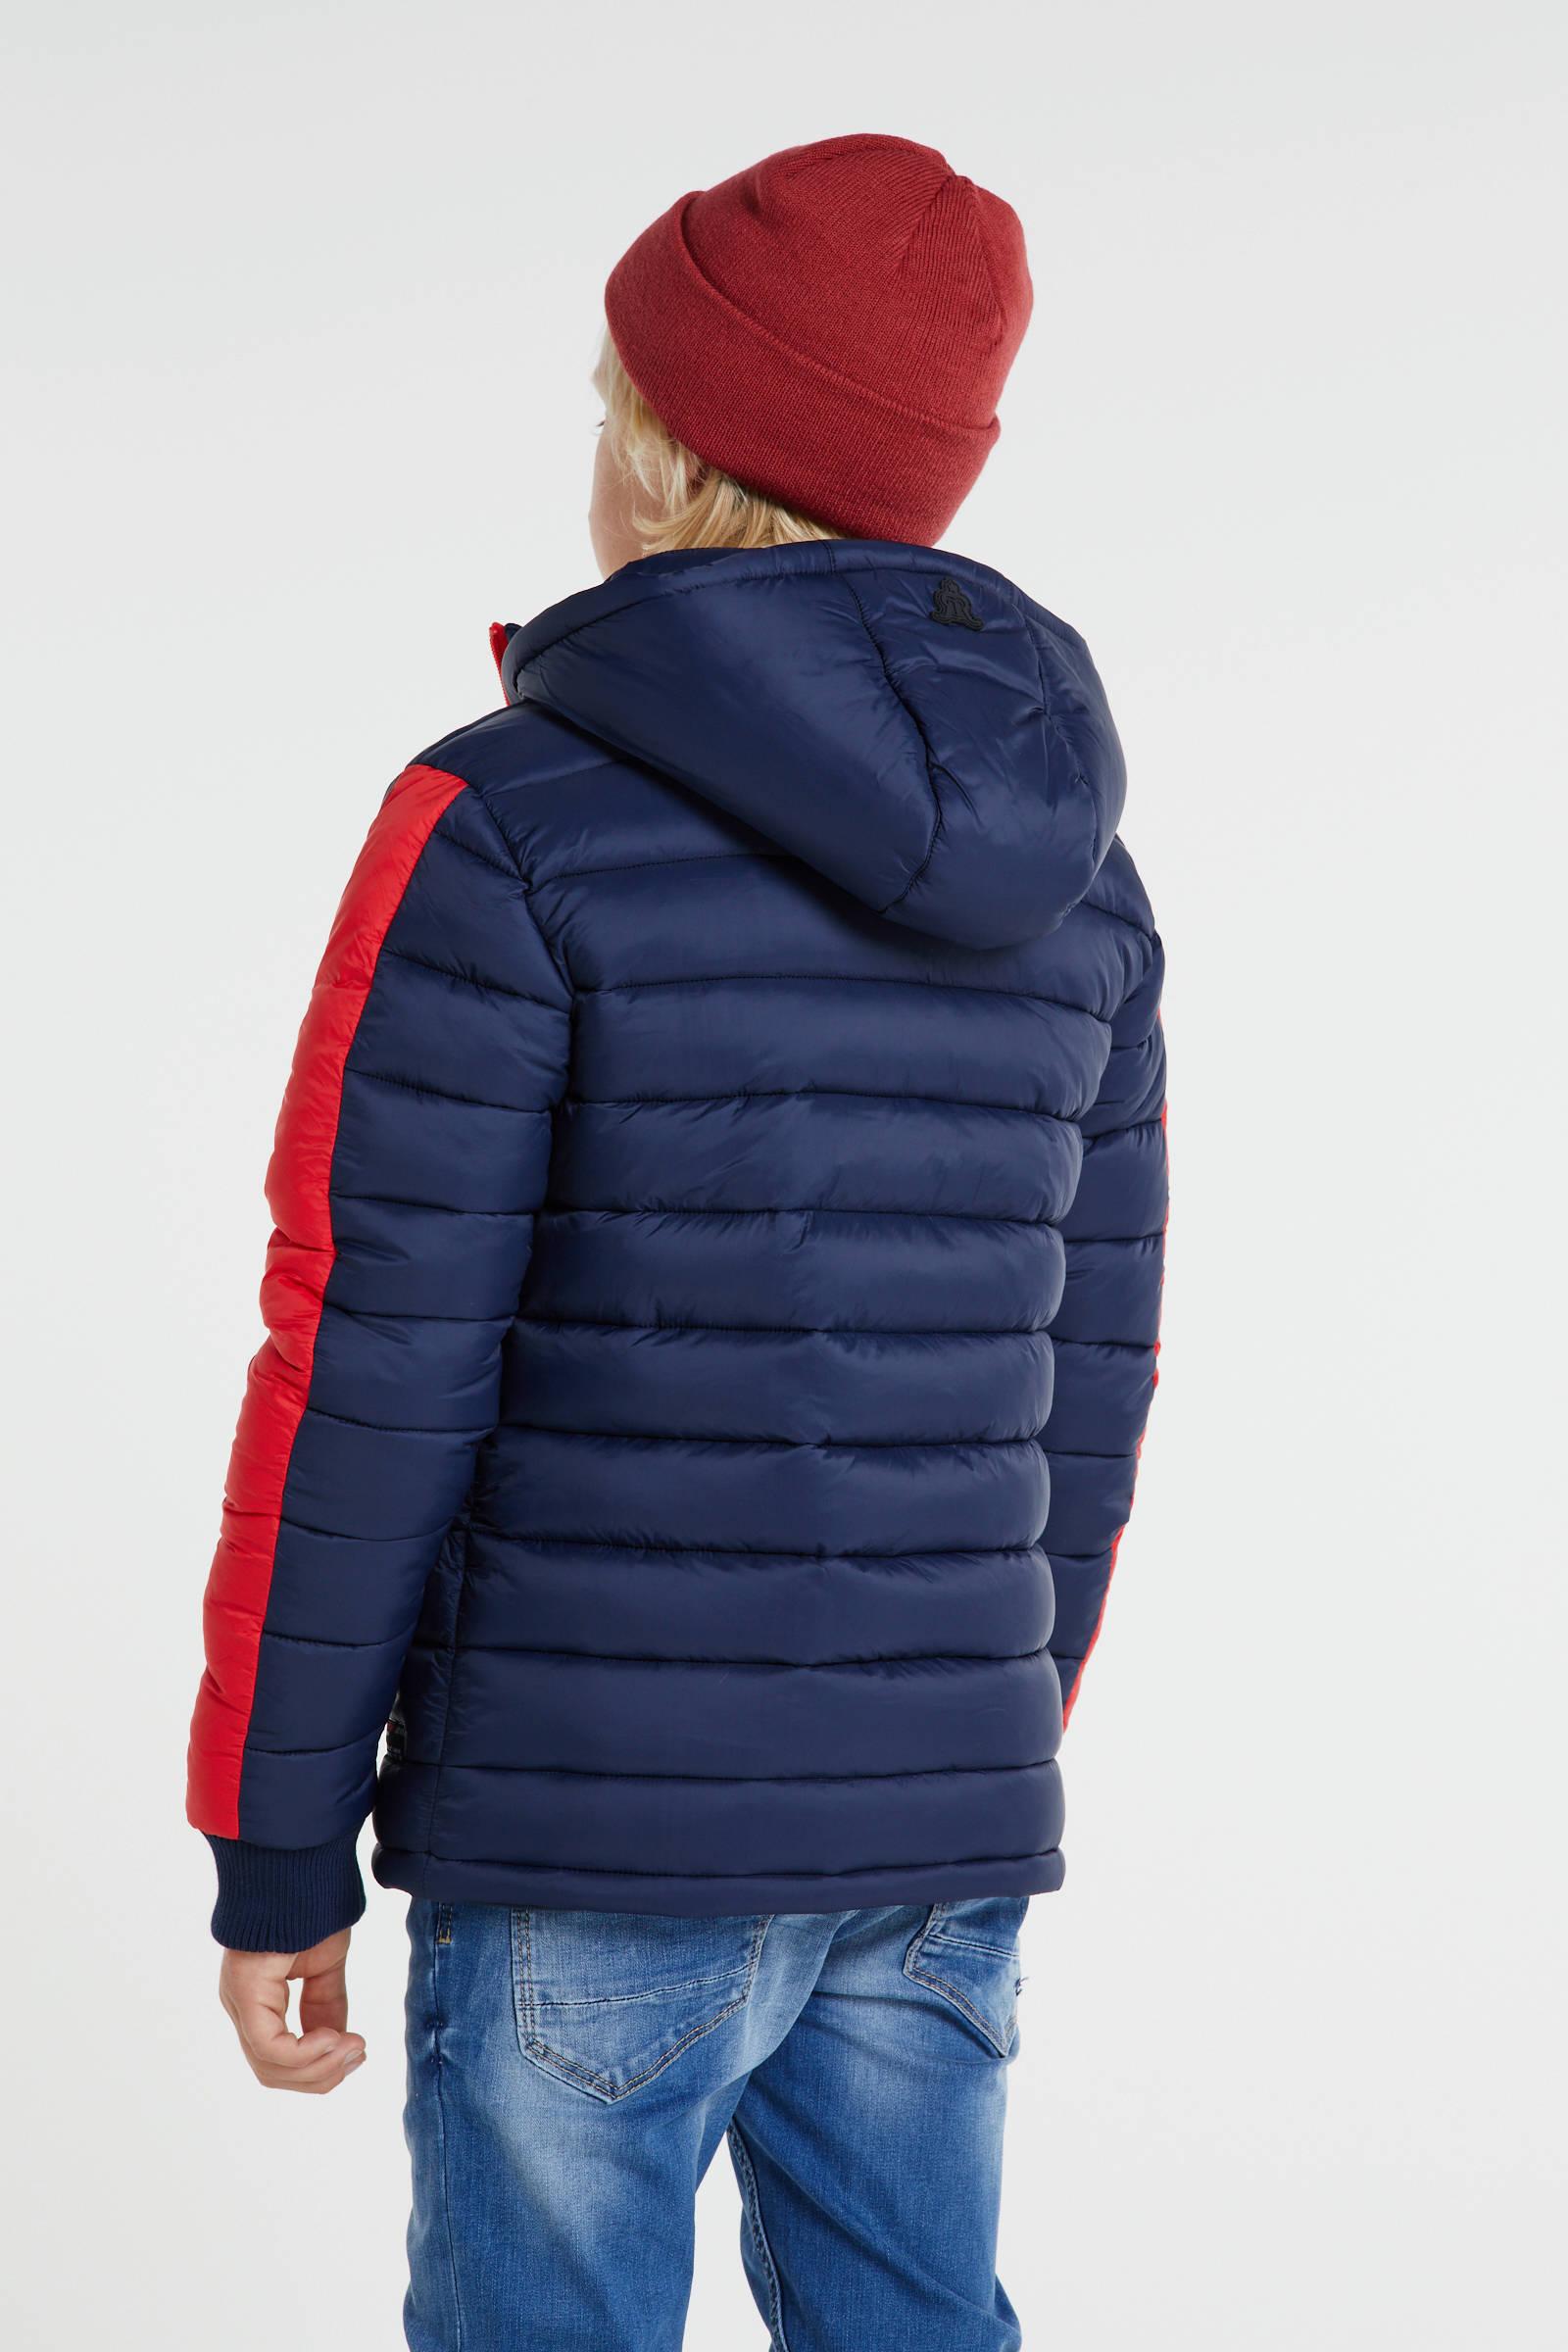 Retour Denim gewatteerde winterjas Rene donkerblauwrood